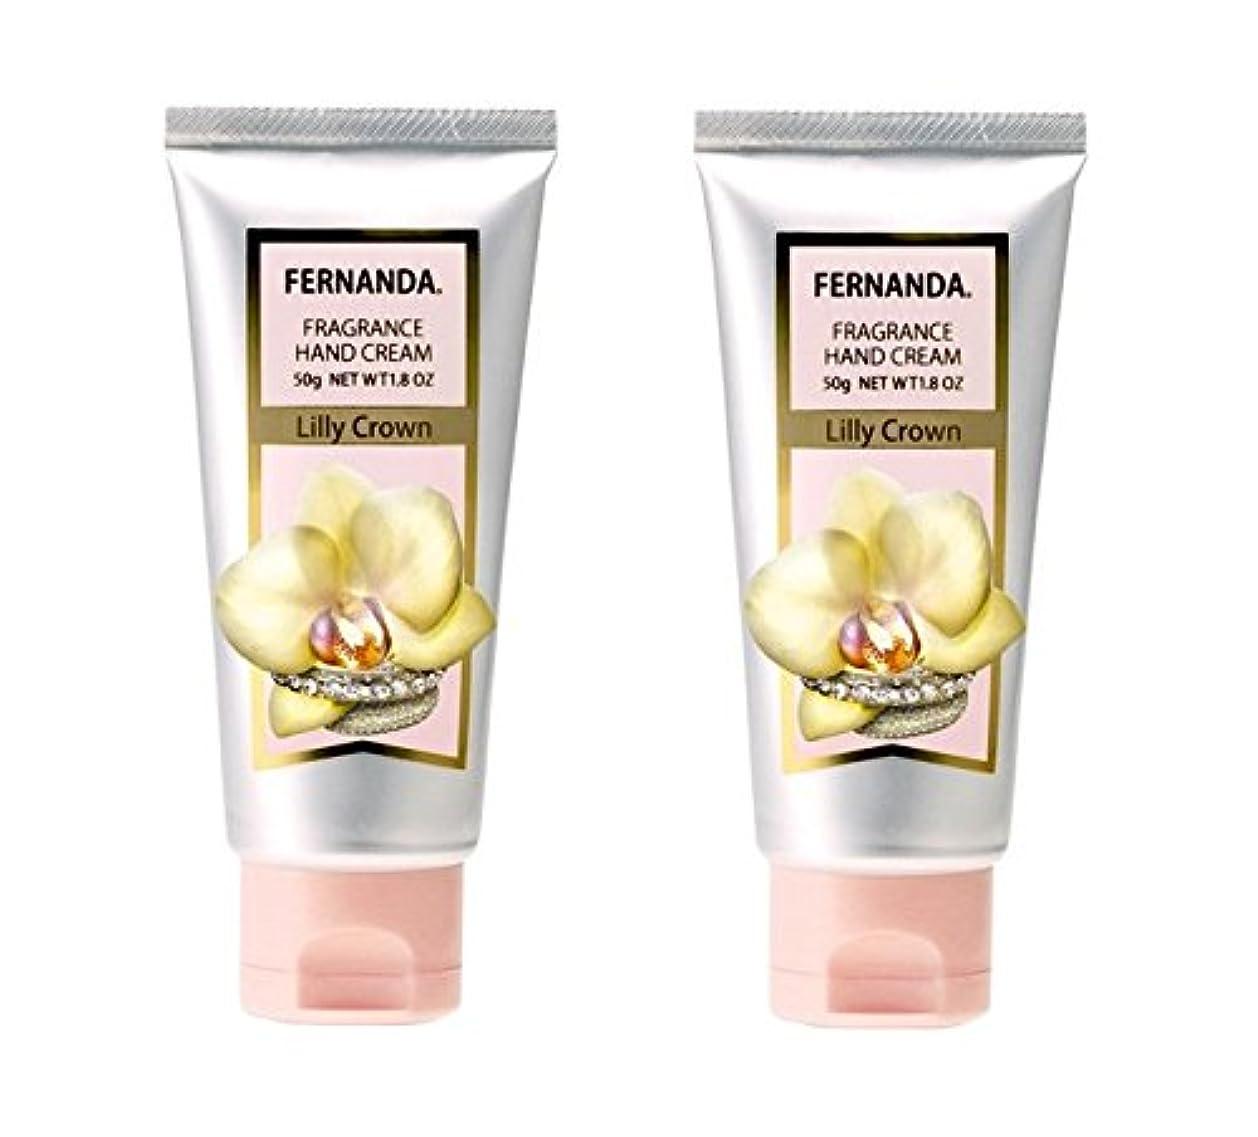 ピル粗いチョコレートFERNANDA(フェルナンダ) Hand Cream Lilly Crown (ハンドクリーム リリークラウン)×2個セット